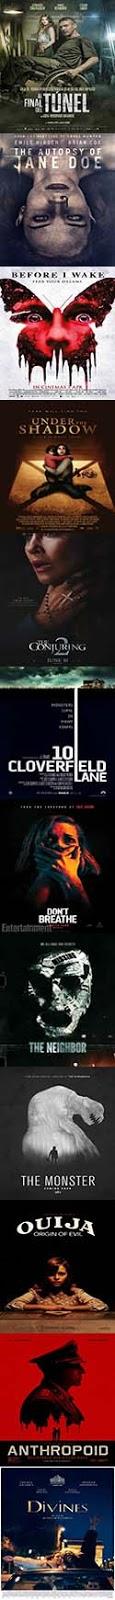 2016 yılının en iyi 12 korku-gerilim filmi